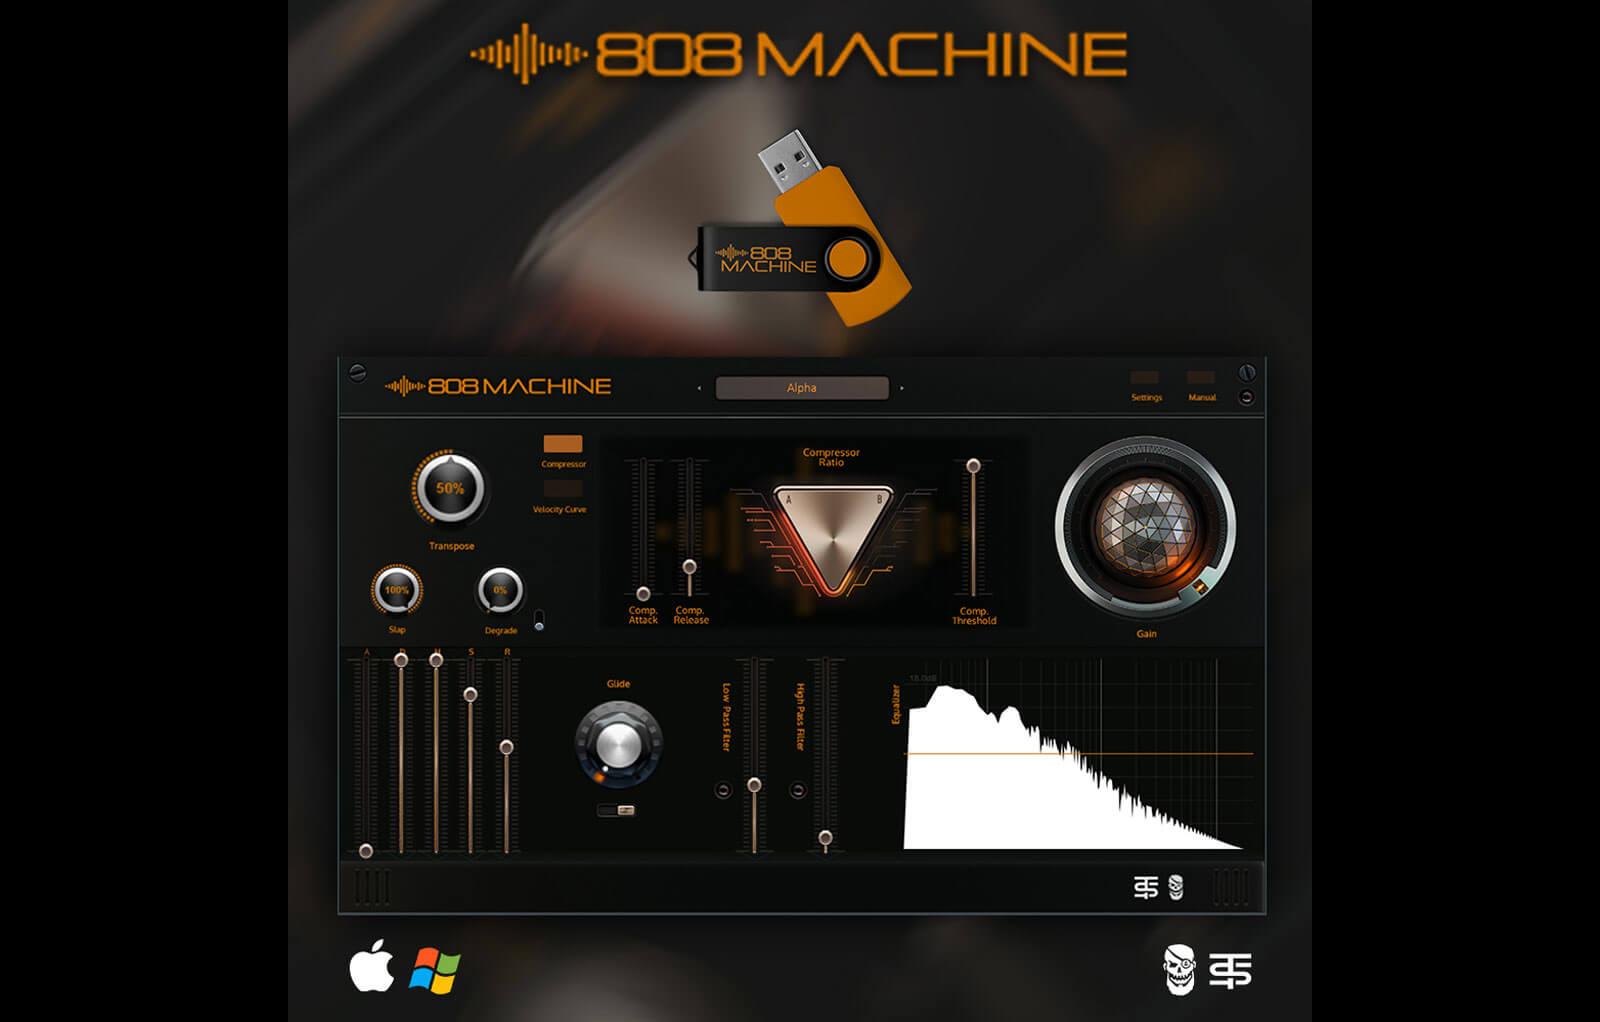 808 Machine